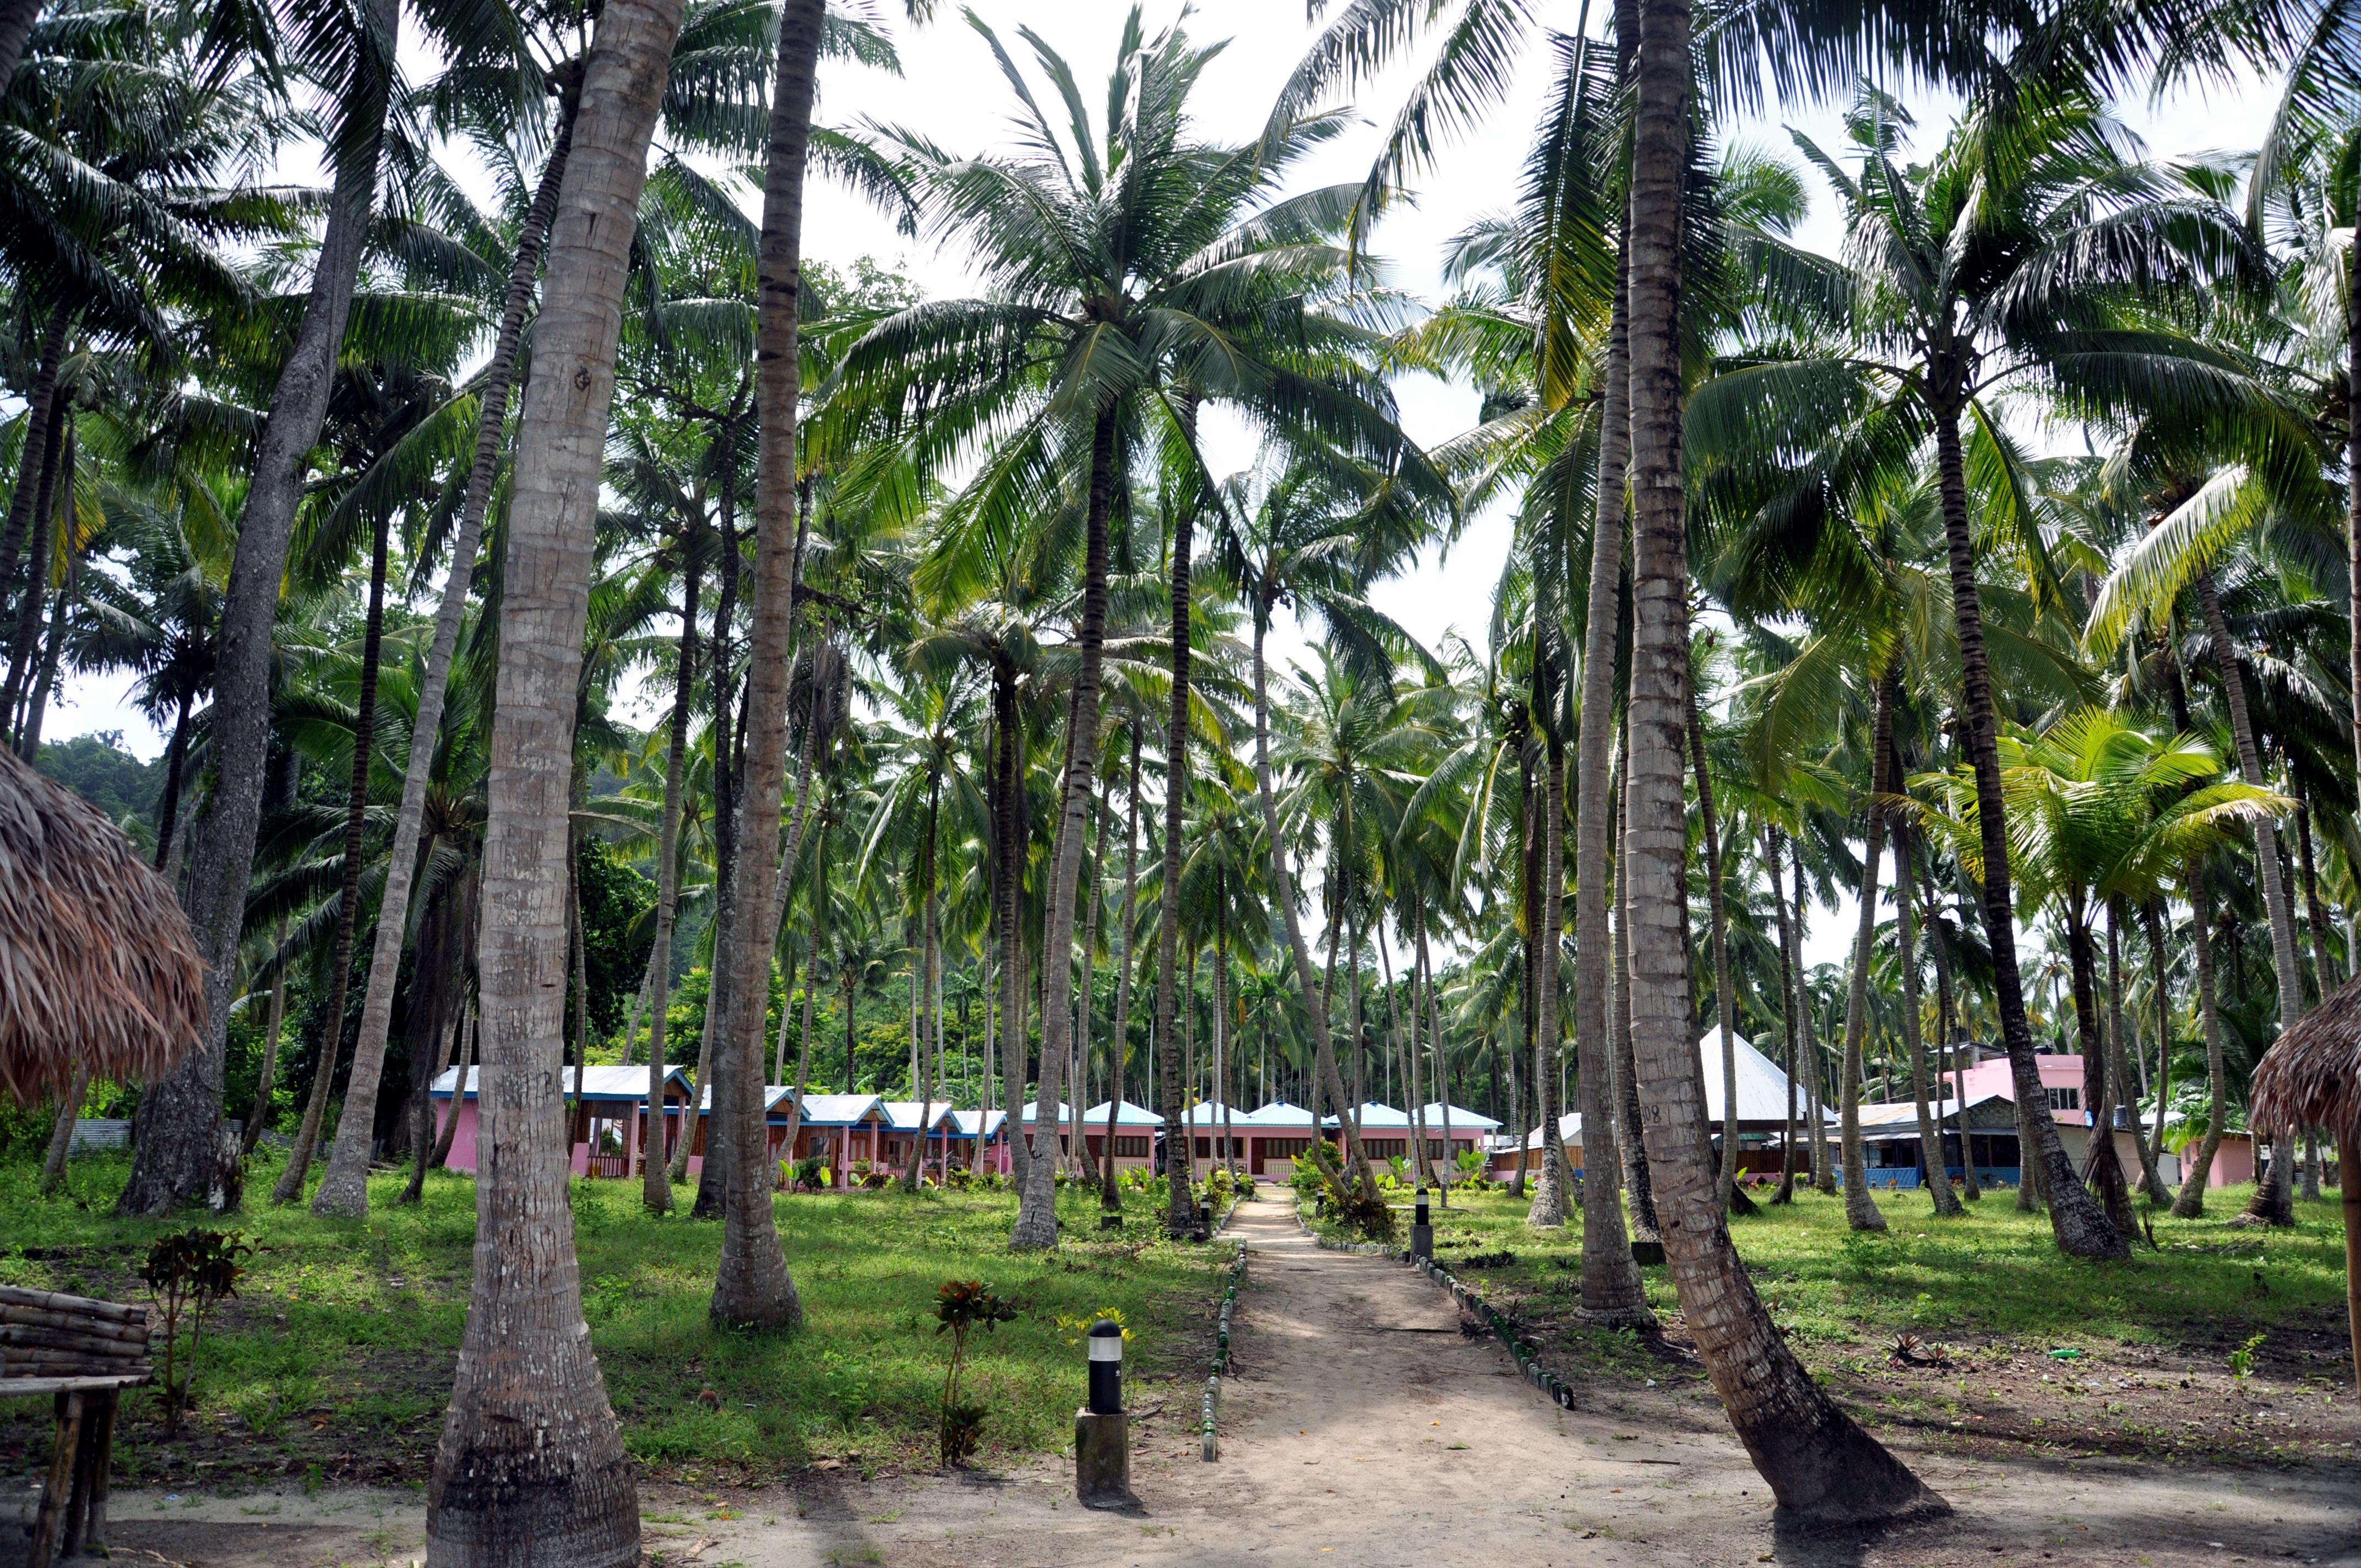 Beach resort in Andaman